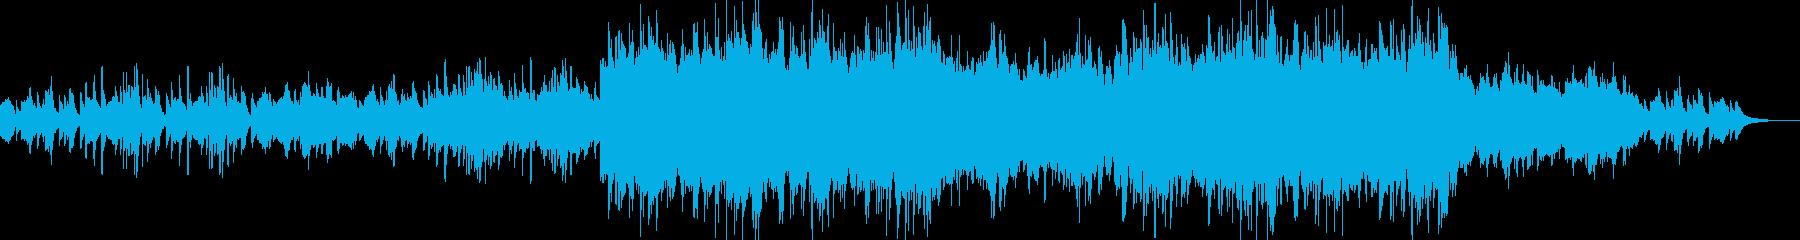 ピアノとストリングスによるバラードBGMの再生済みの波形